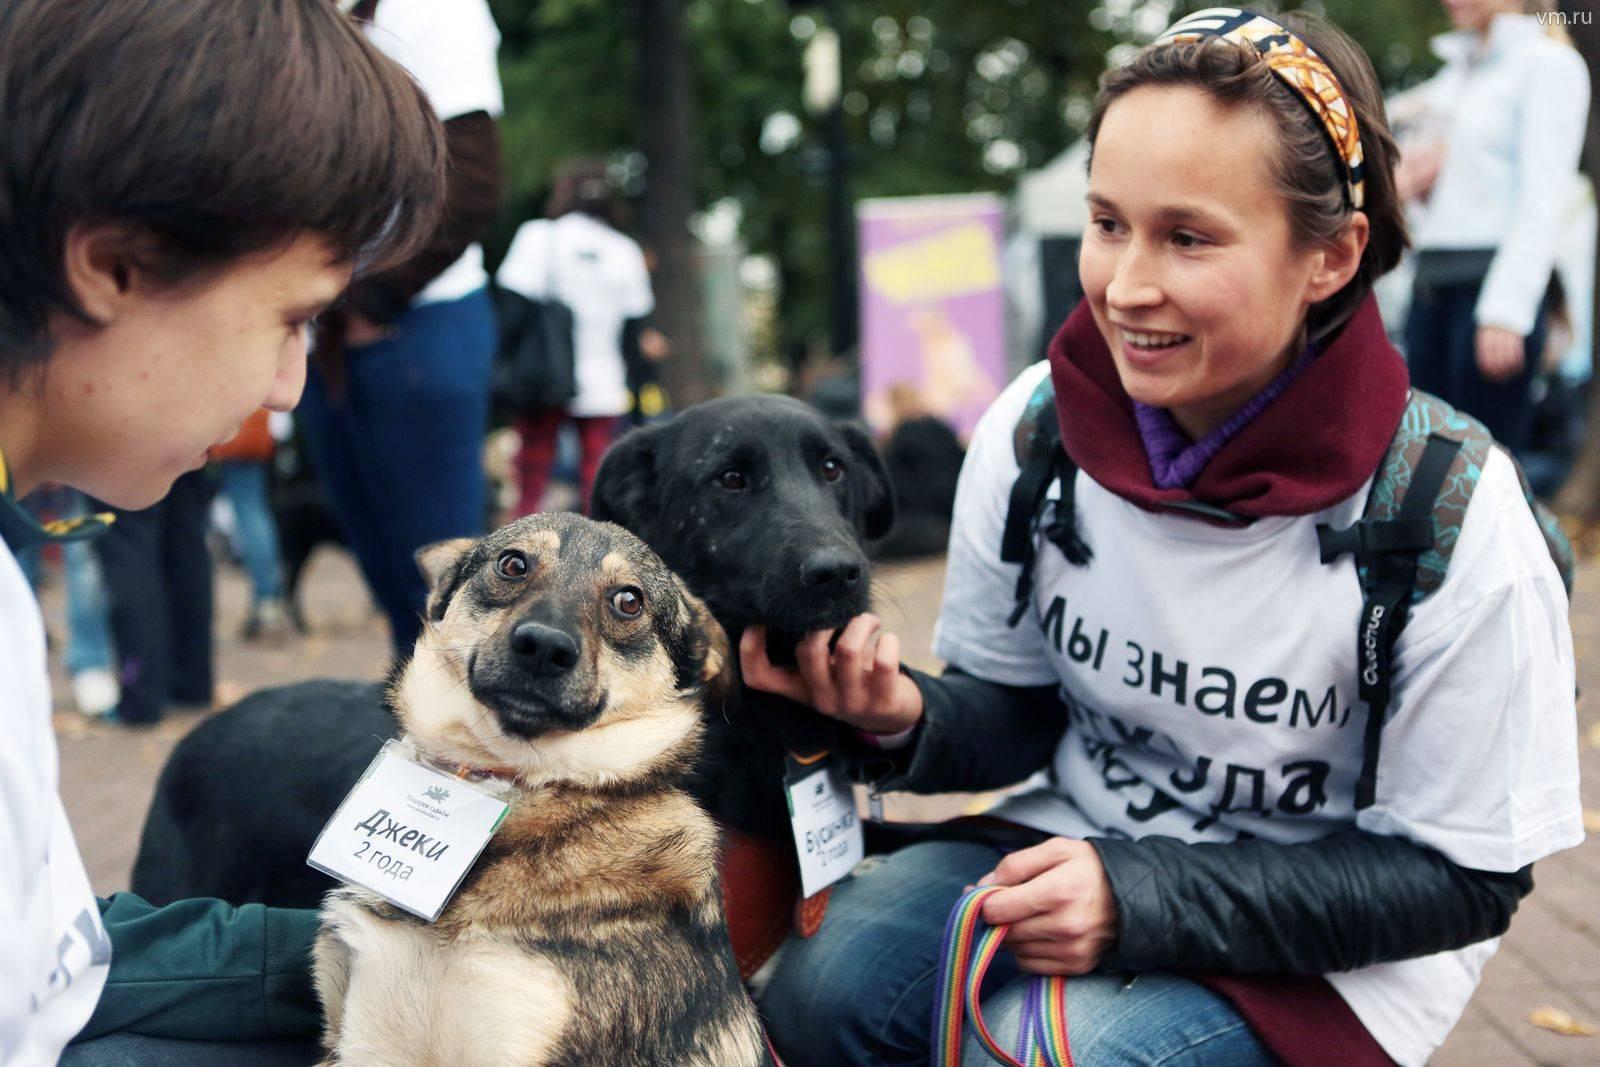 Короткий путь домой: как «пасхальный дар» помогает бездомным животным